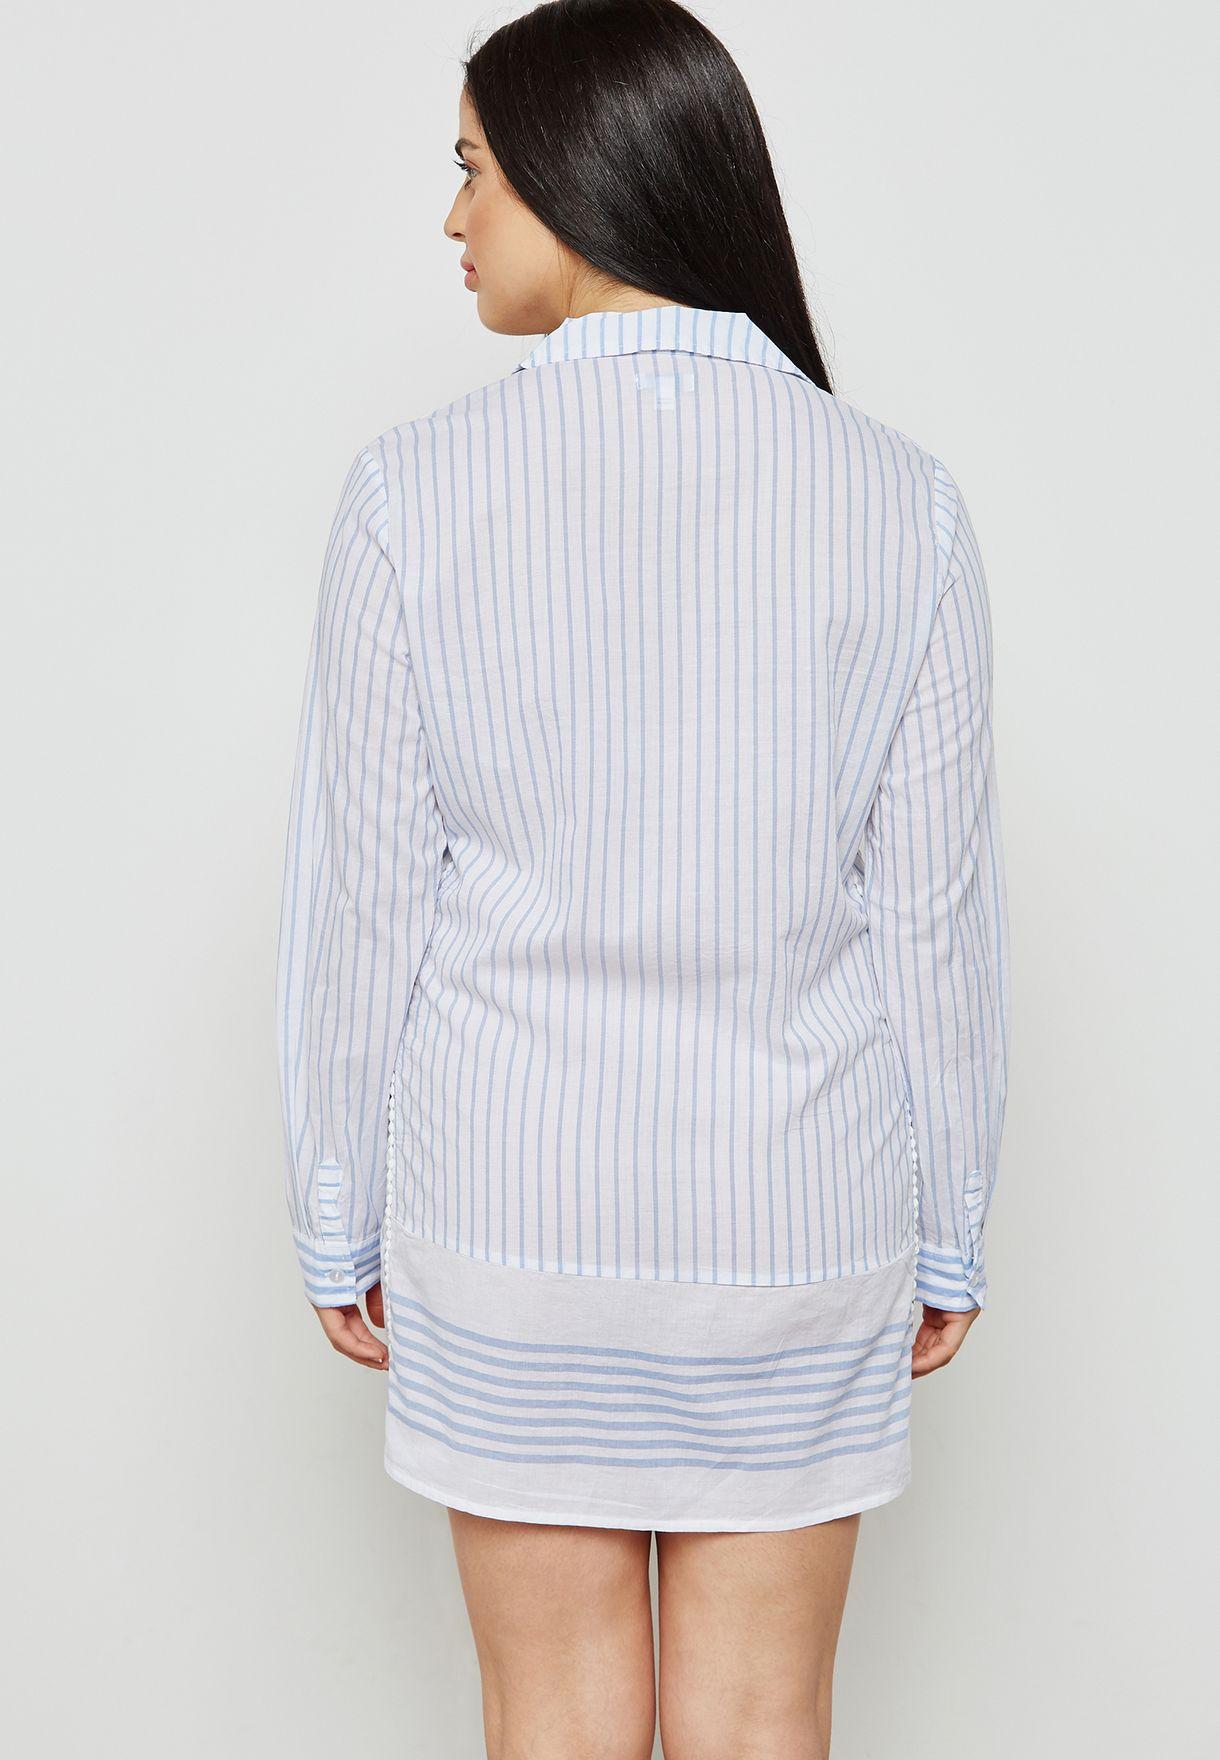 قميص نوم بخطوط